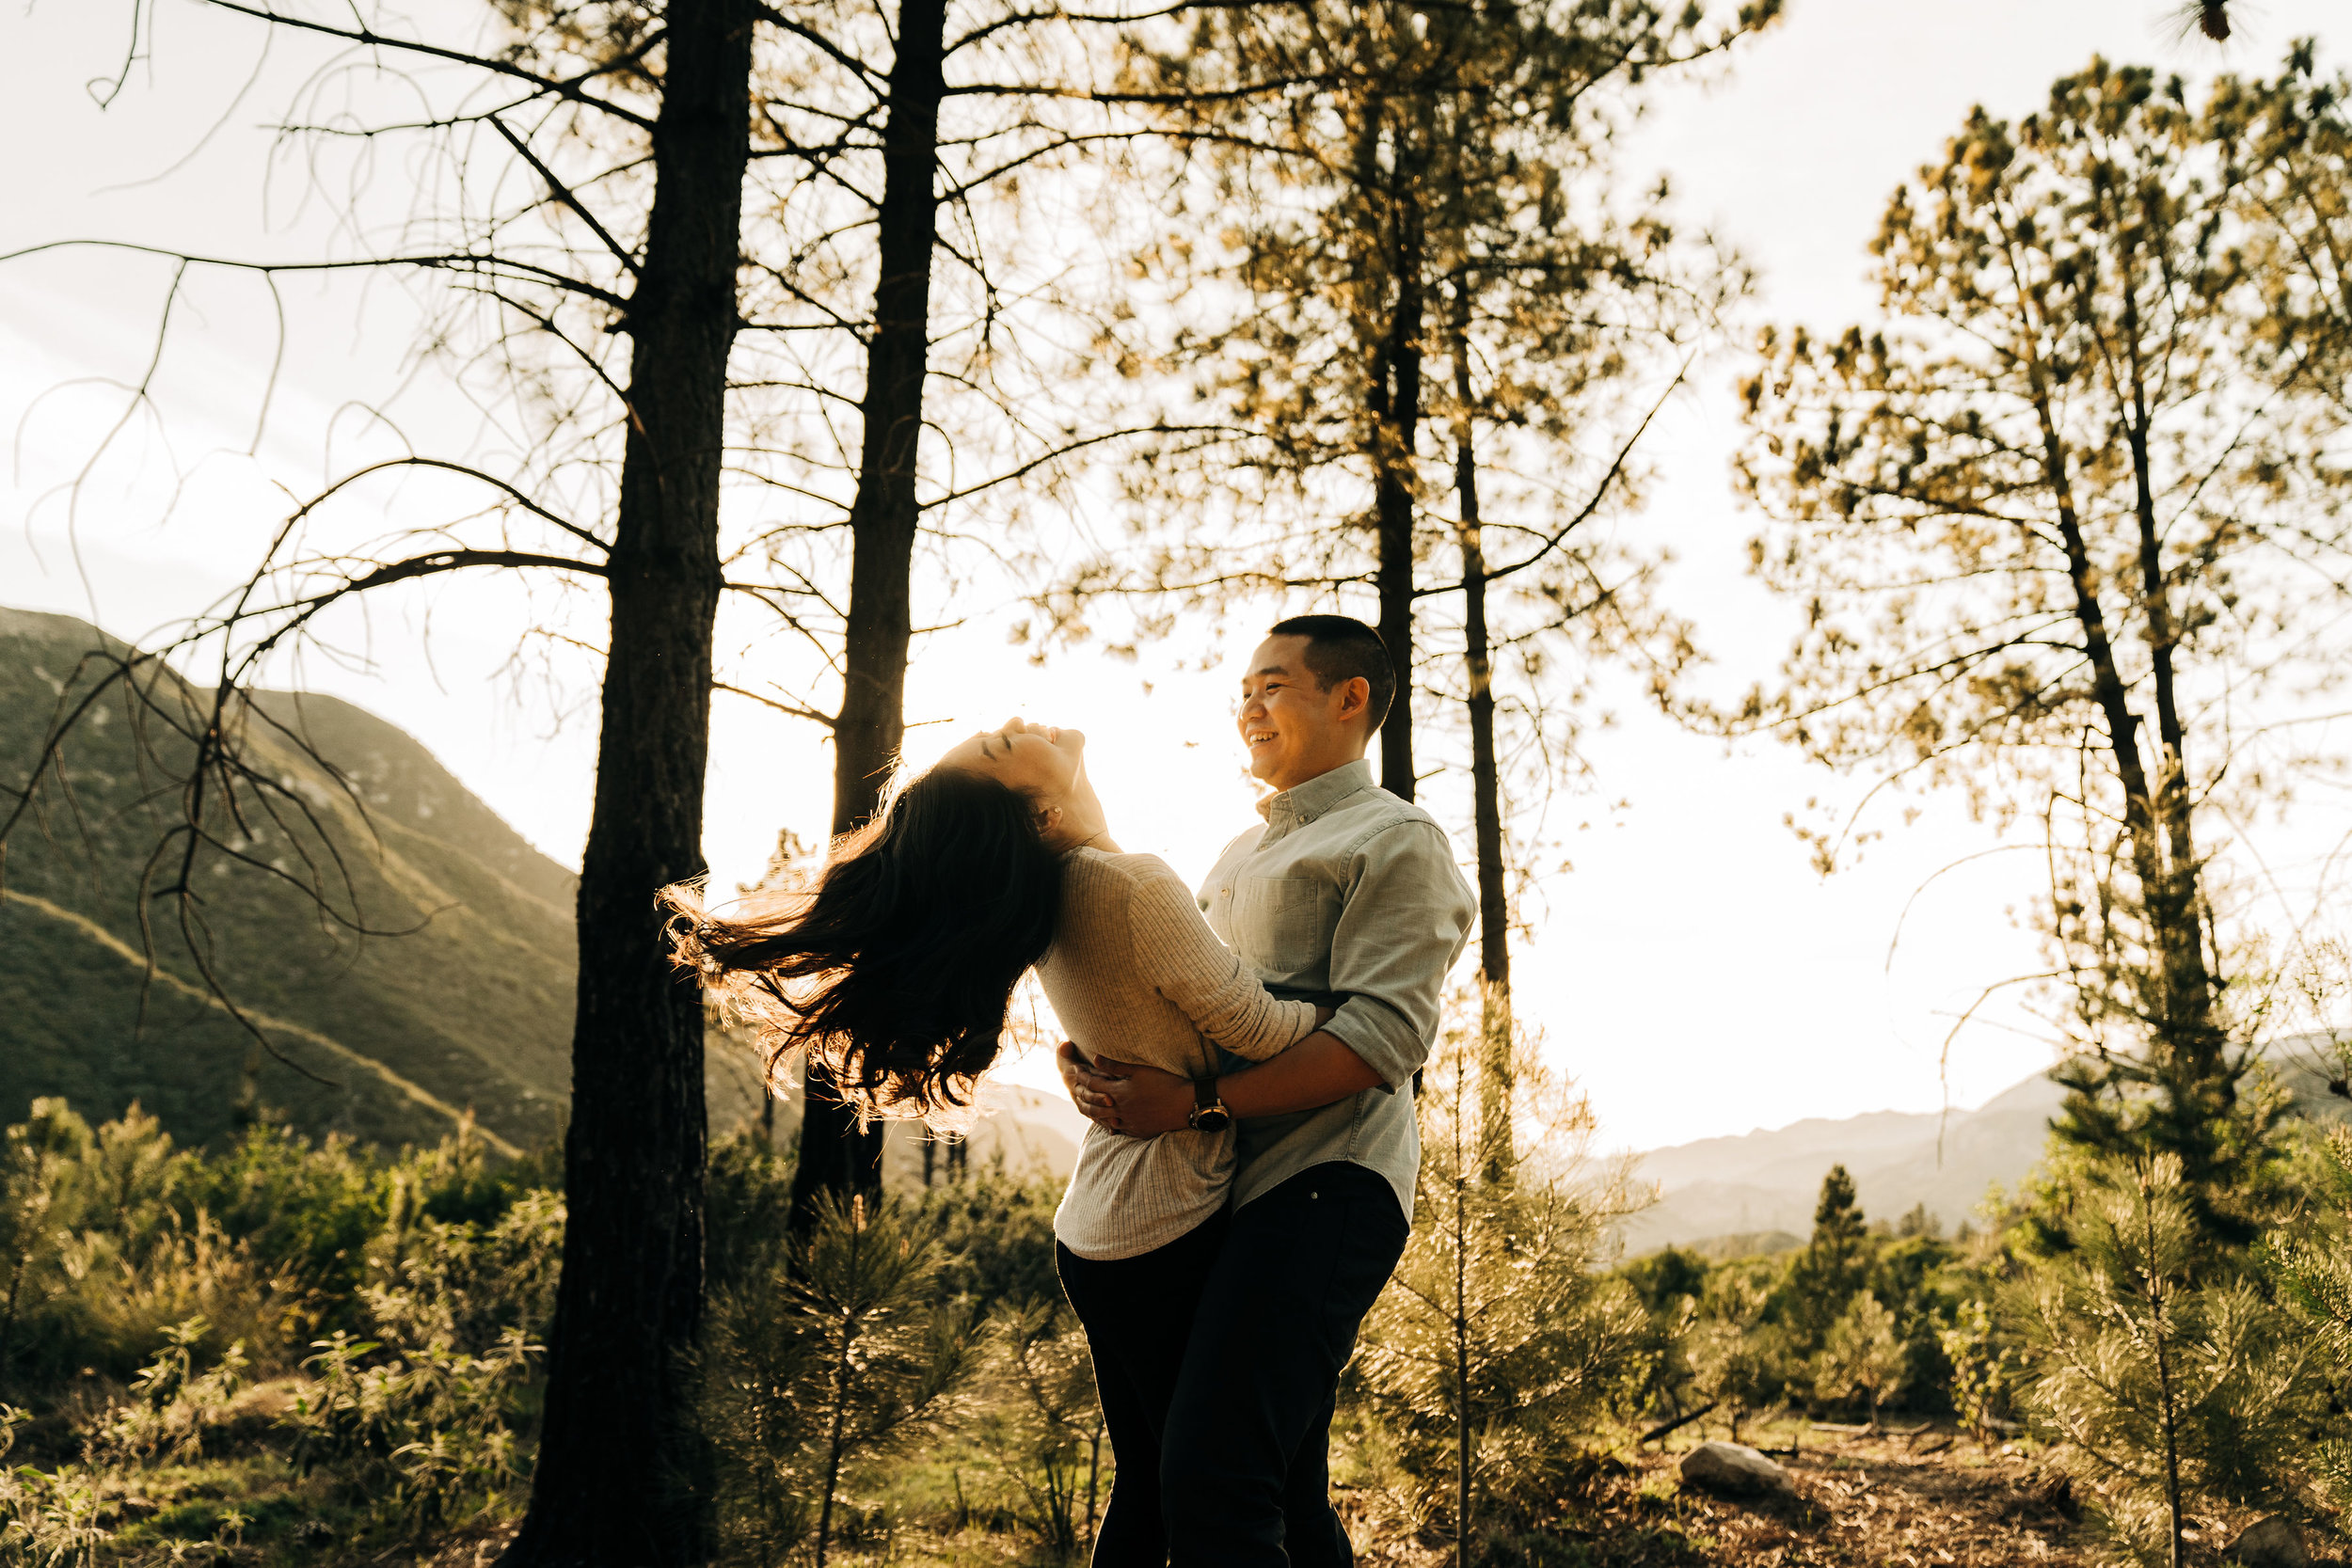 la-forest-engagement-photos-057.jpg